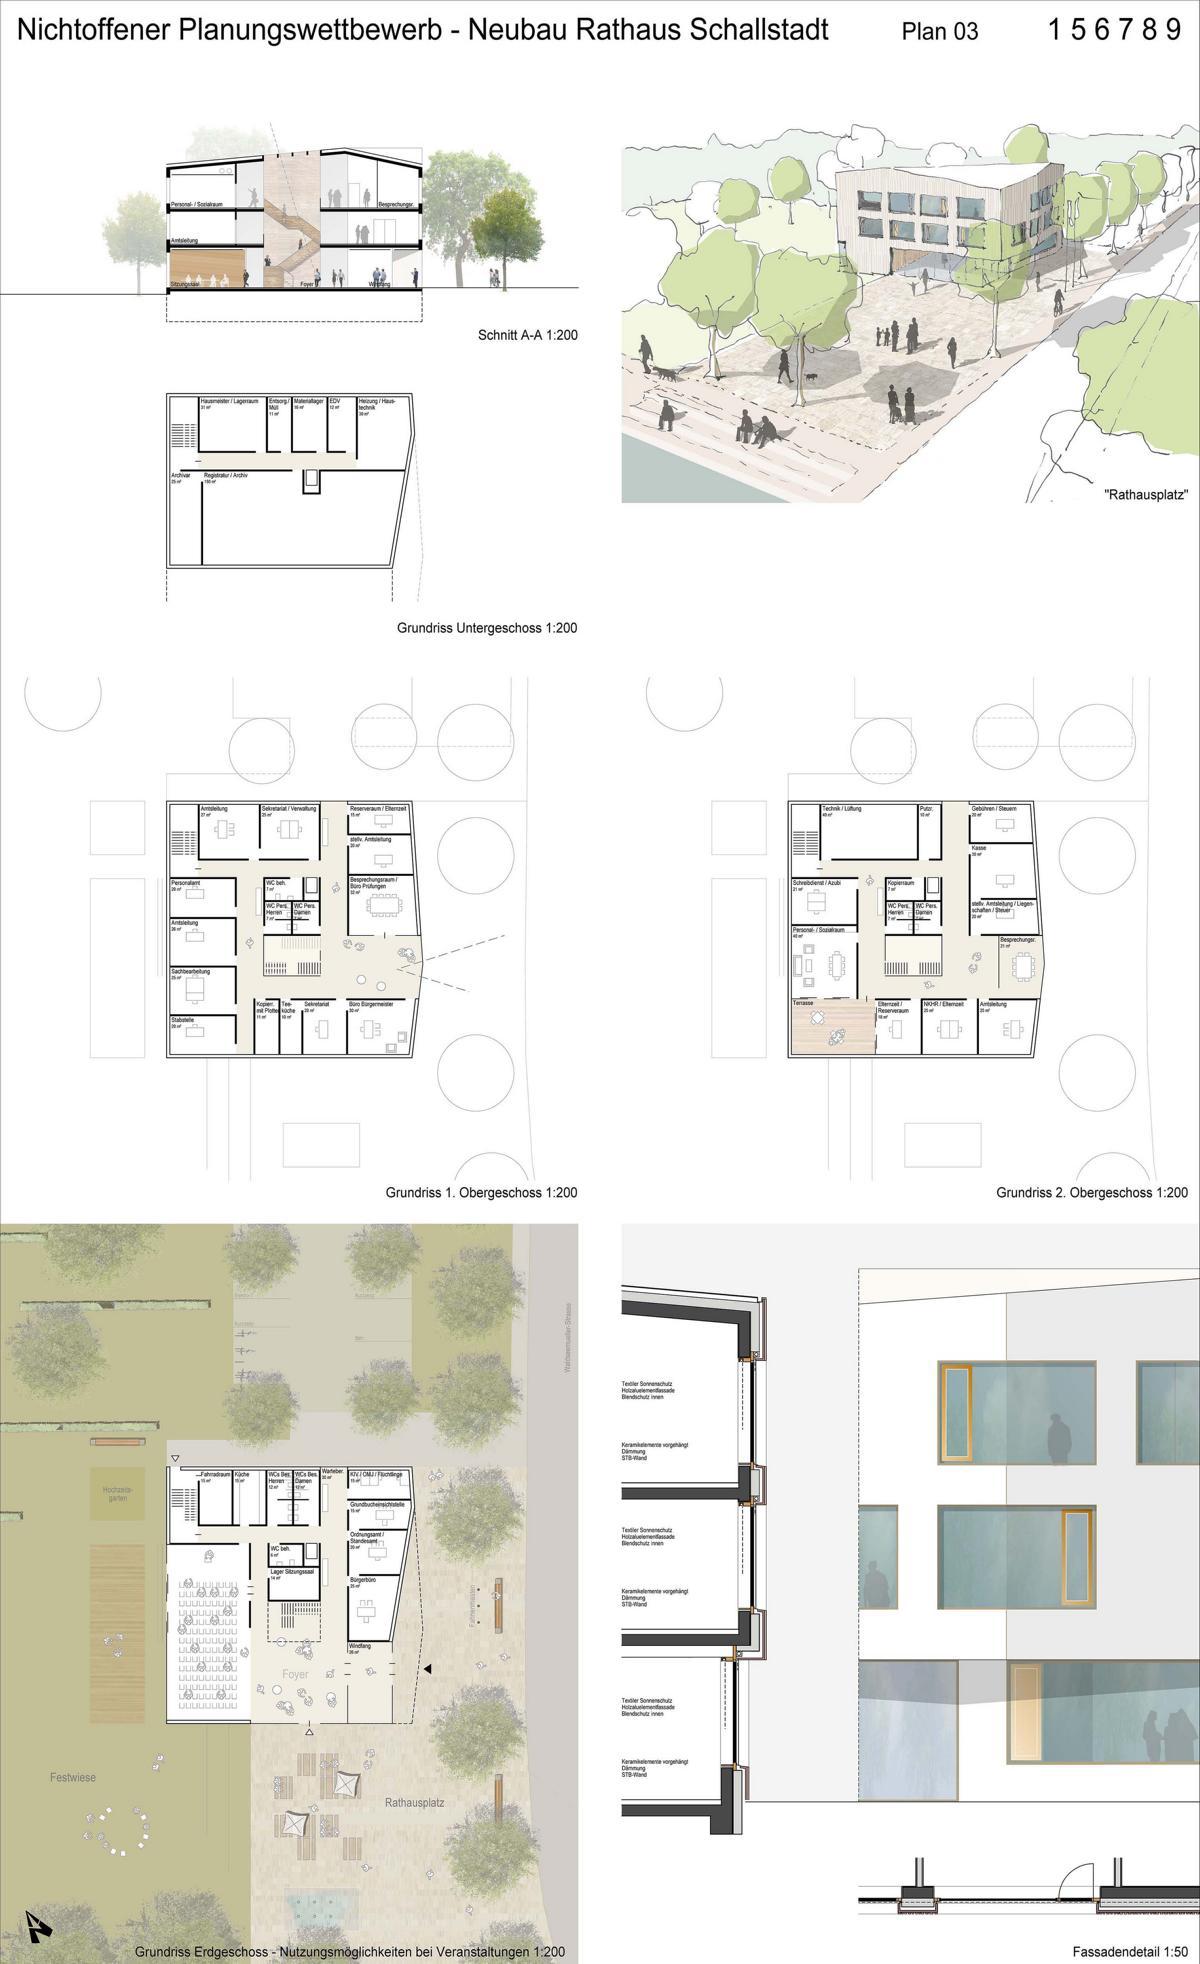 4.Preis_K9 Architekten+faktorgrün_Plan 3